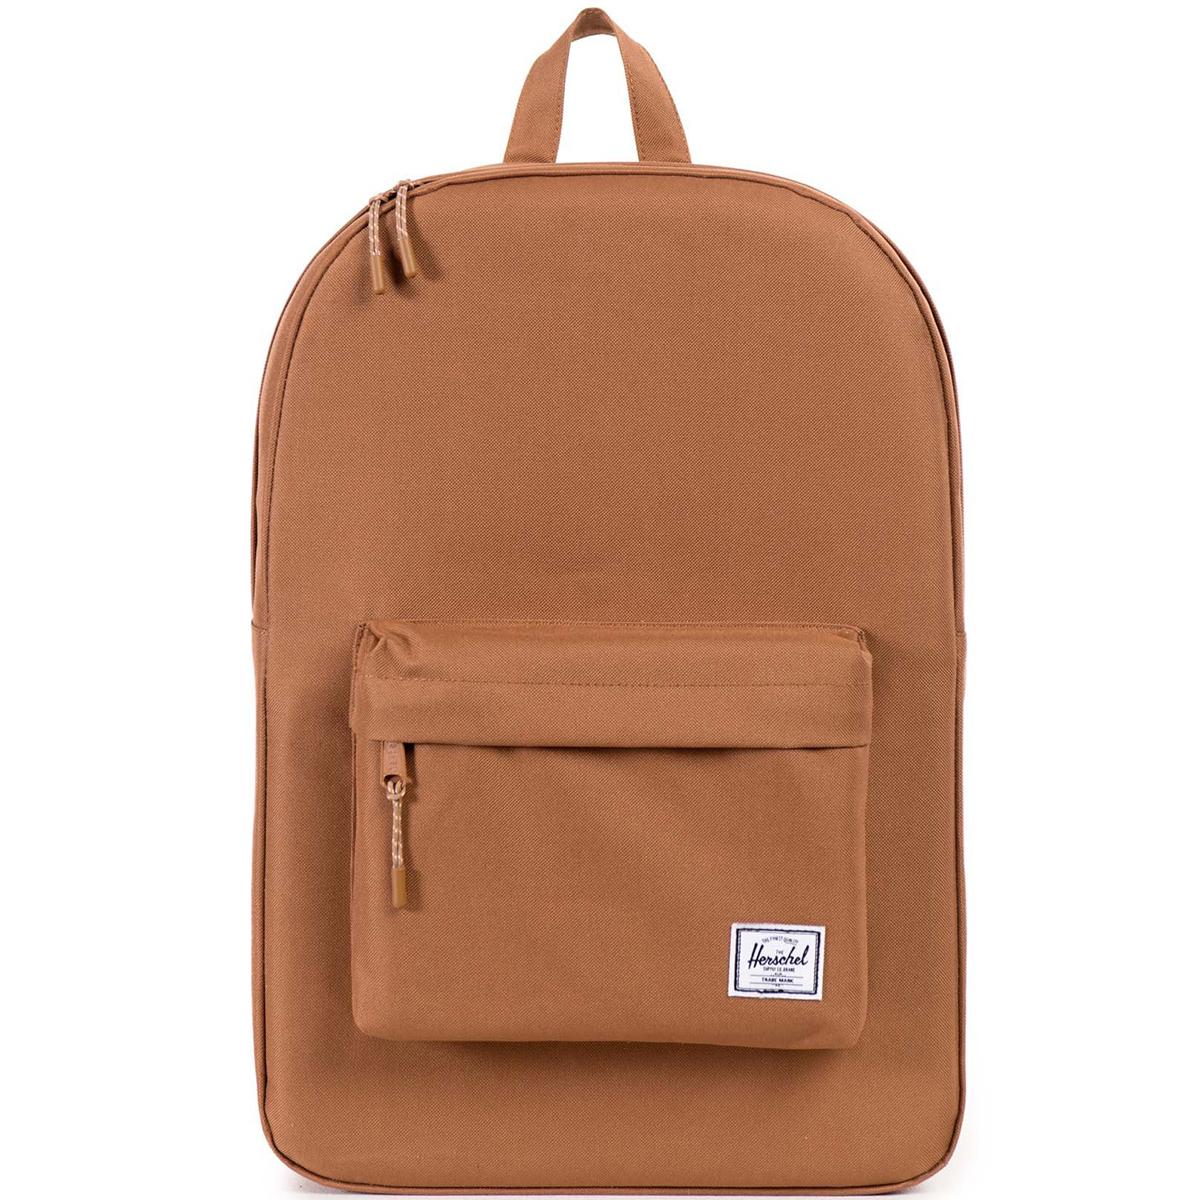 Рюкзак городской Herschel Classic (A/S), цвет: светло-коричневый. 828432048359ГризлиРюкзак Herschel Classic целиком и полностью оправдывает свое название, выражая совершенство в лаконичных и идеальных линиях. Этот рюкзак создан для любых целей и поездок и отлично впишется в абсолютно любой стиль.